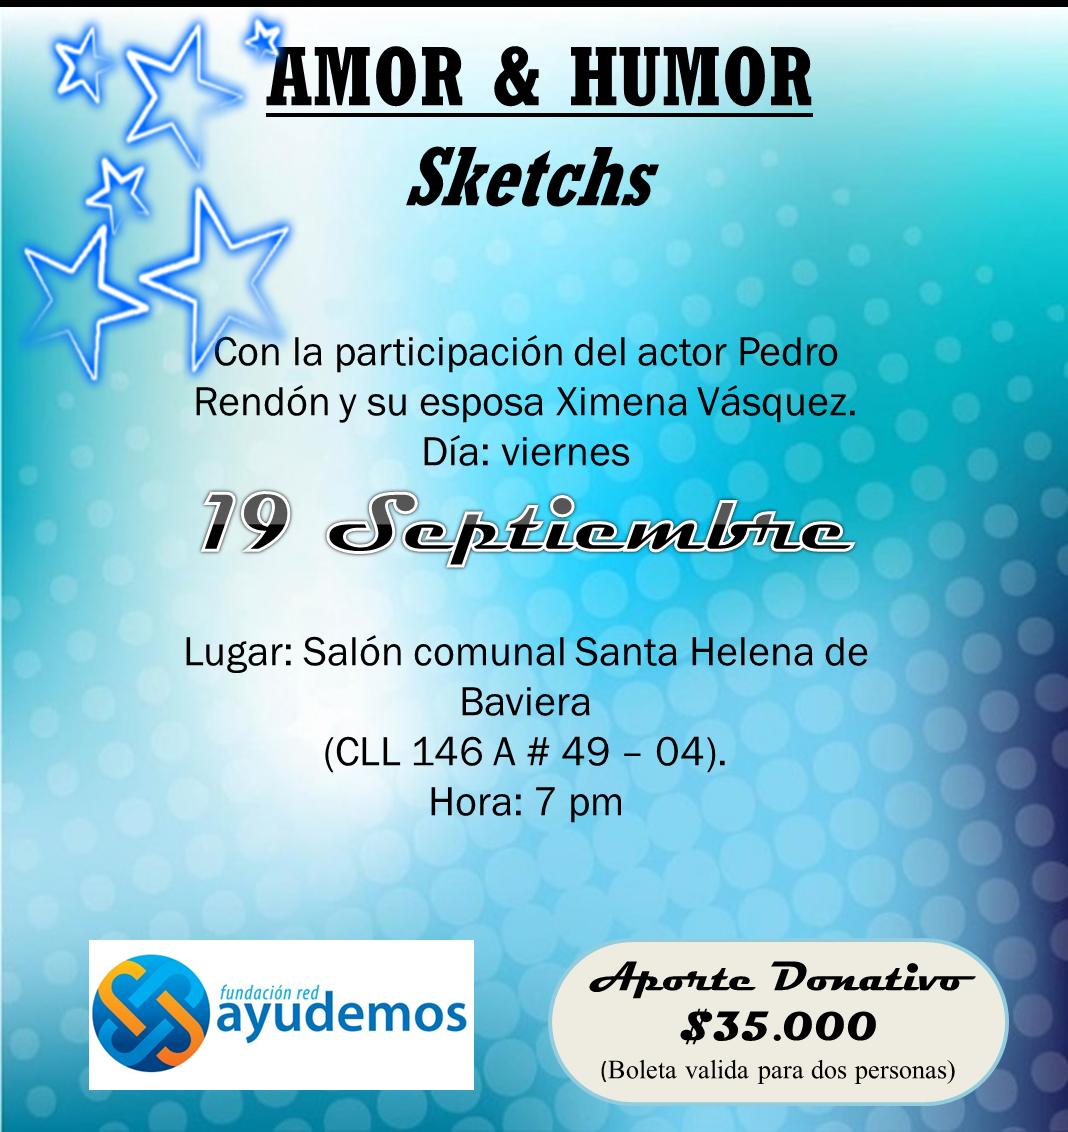 Sketchs de Amor y Humor en Bogotá - Septiembre 9 2014